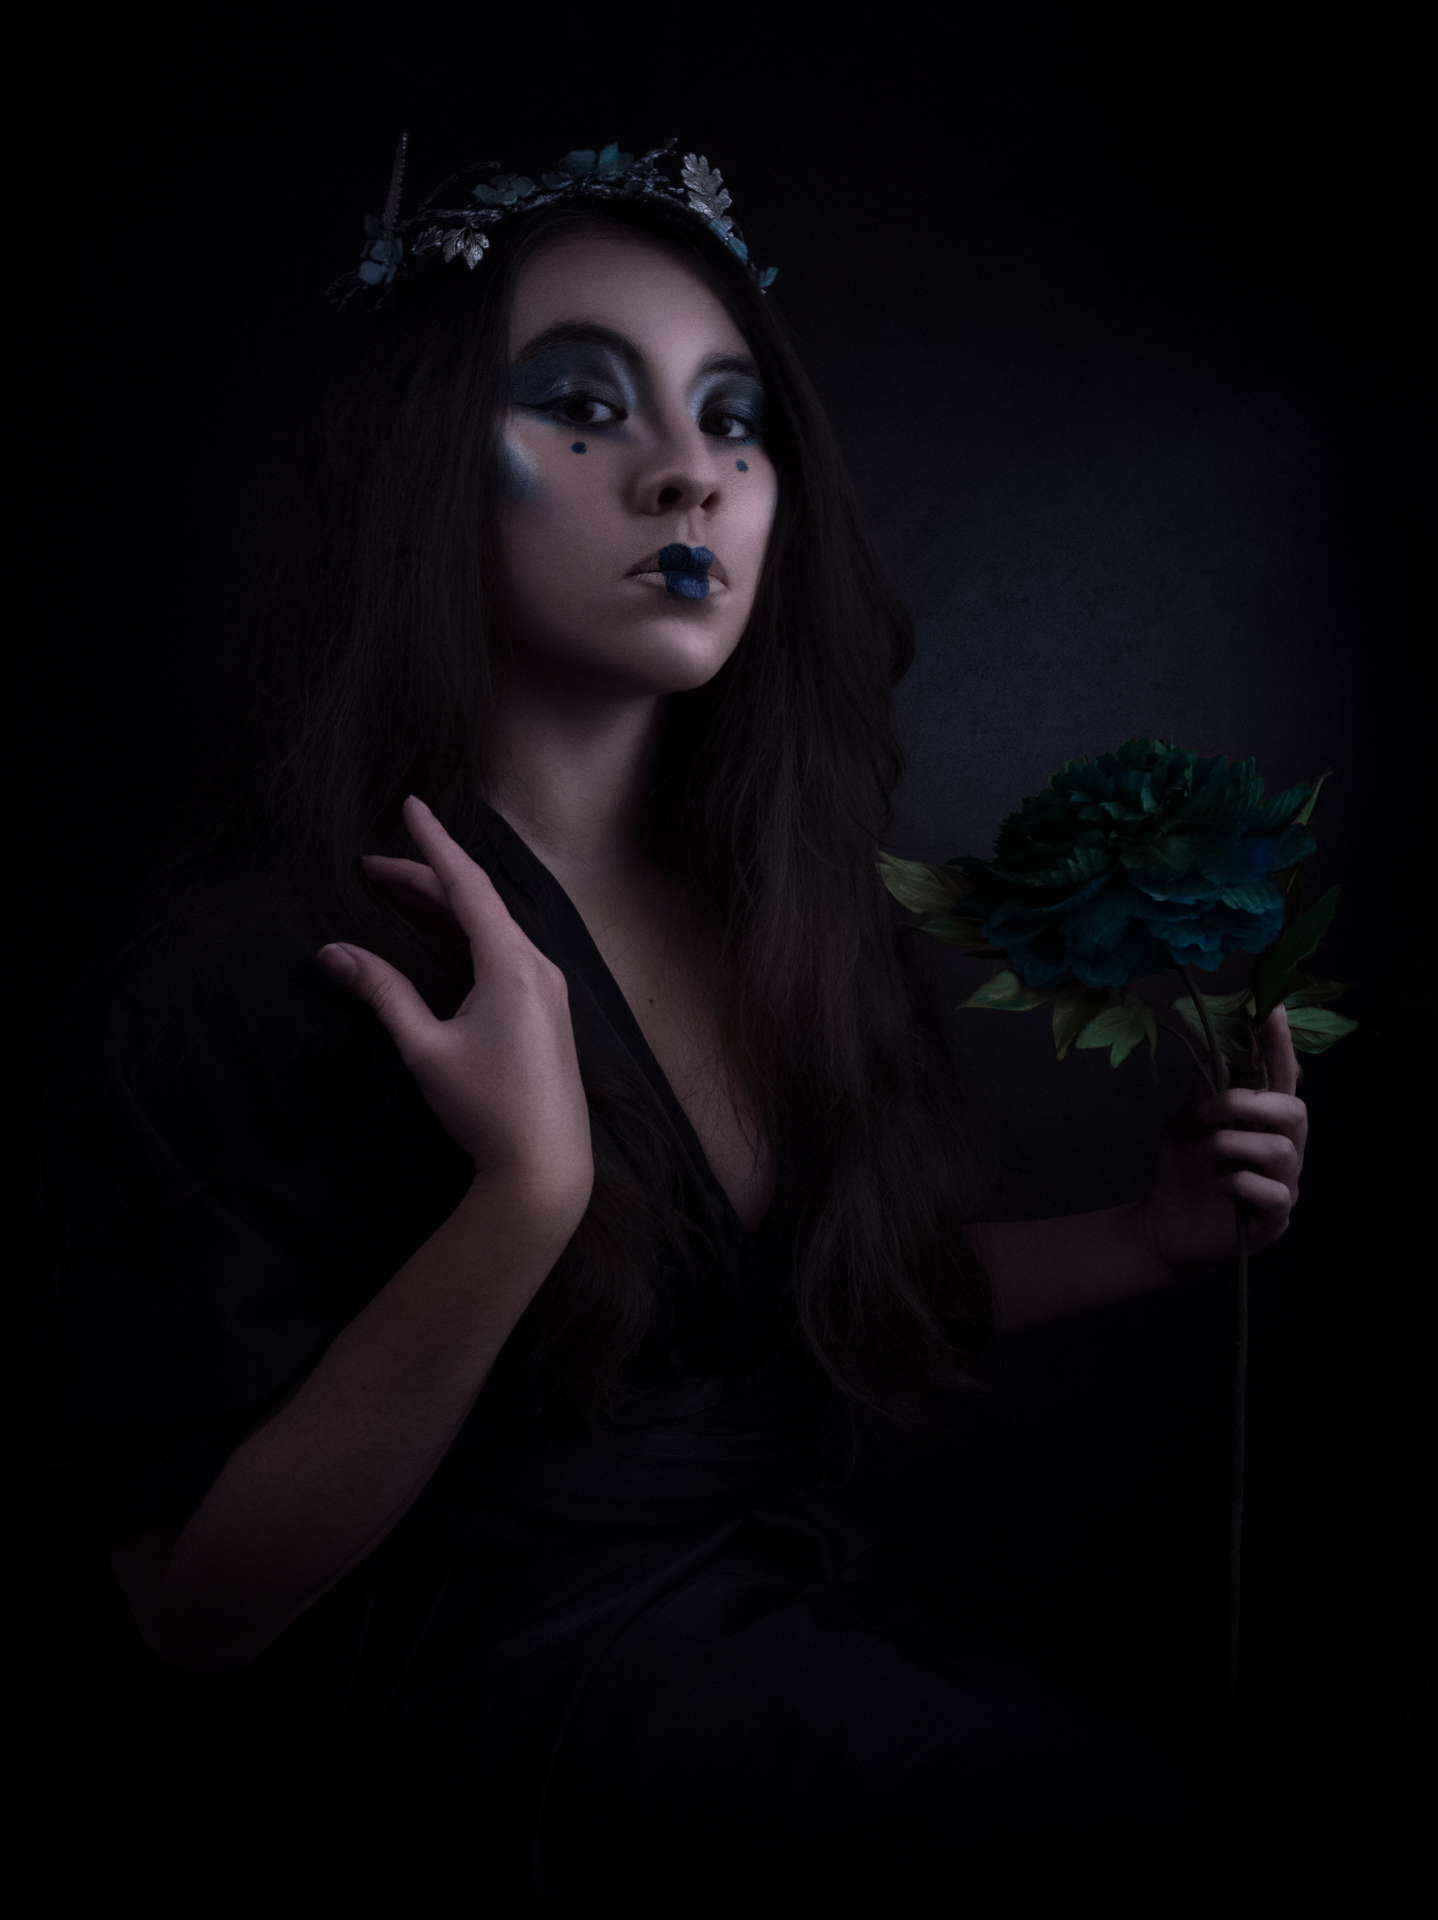 Triptyque : La geisha habillée de bleu. Elle nous regarde et tient une fleur dans la main gauche. Sa main droite est délicatement posée sur son épaule.